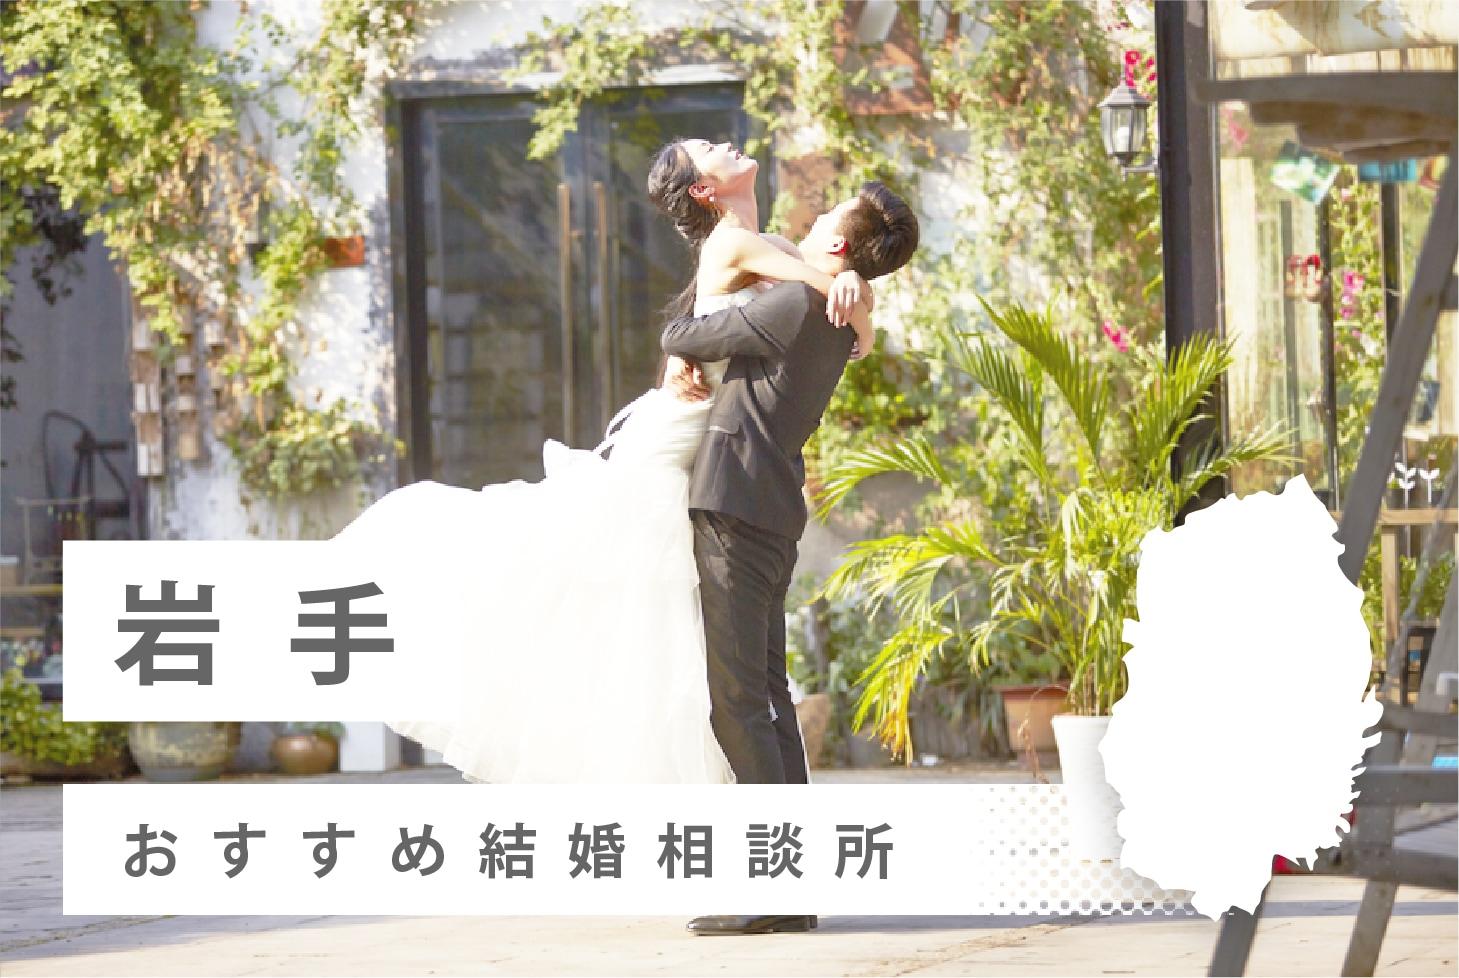 岩手県でおすすめな結婚相談所